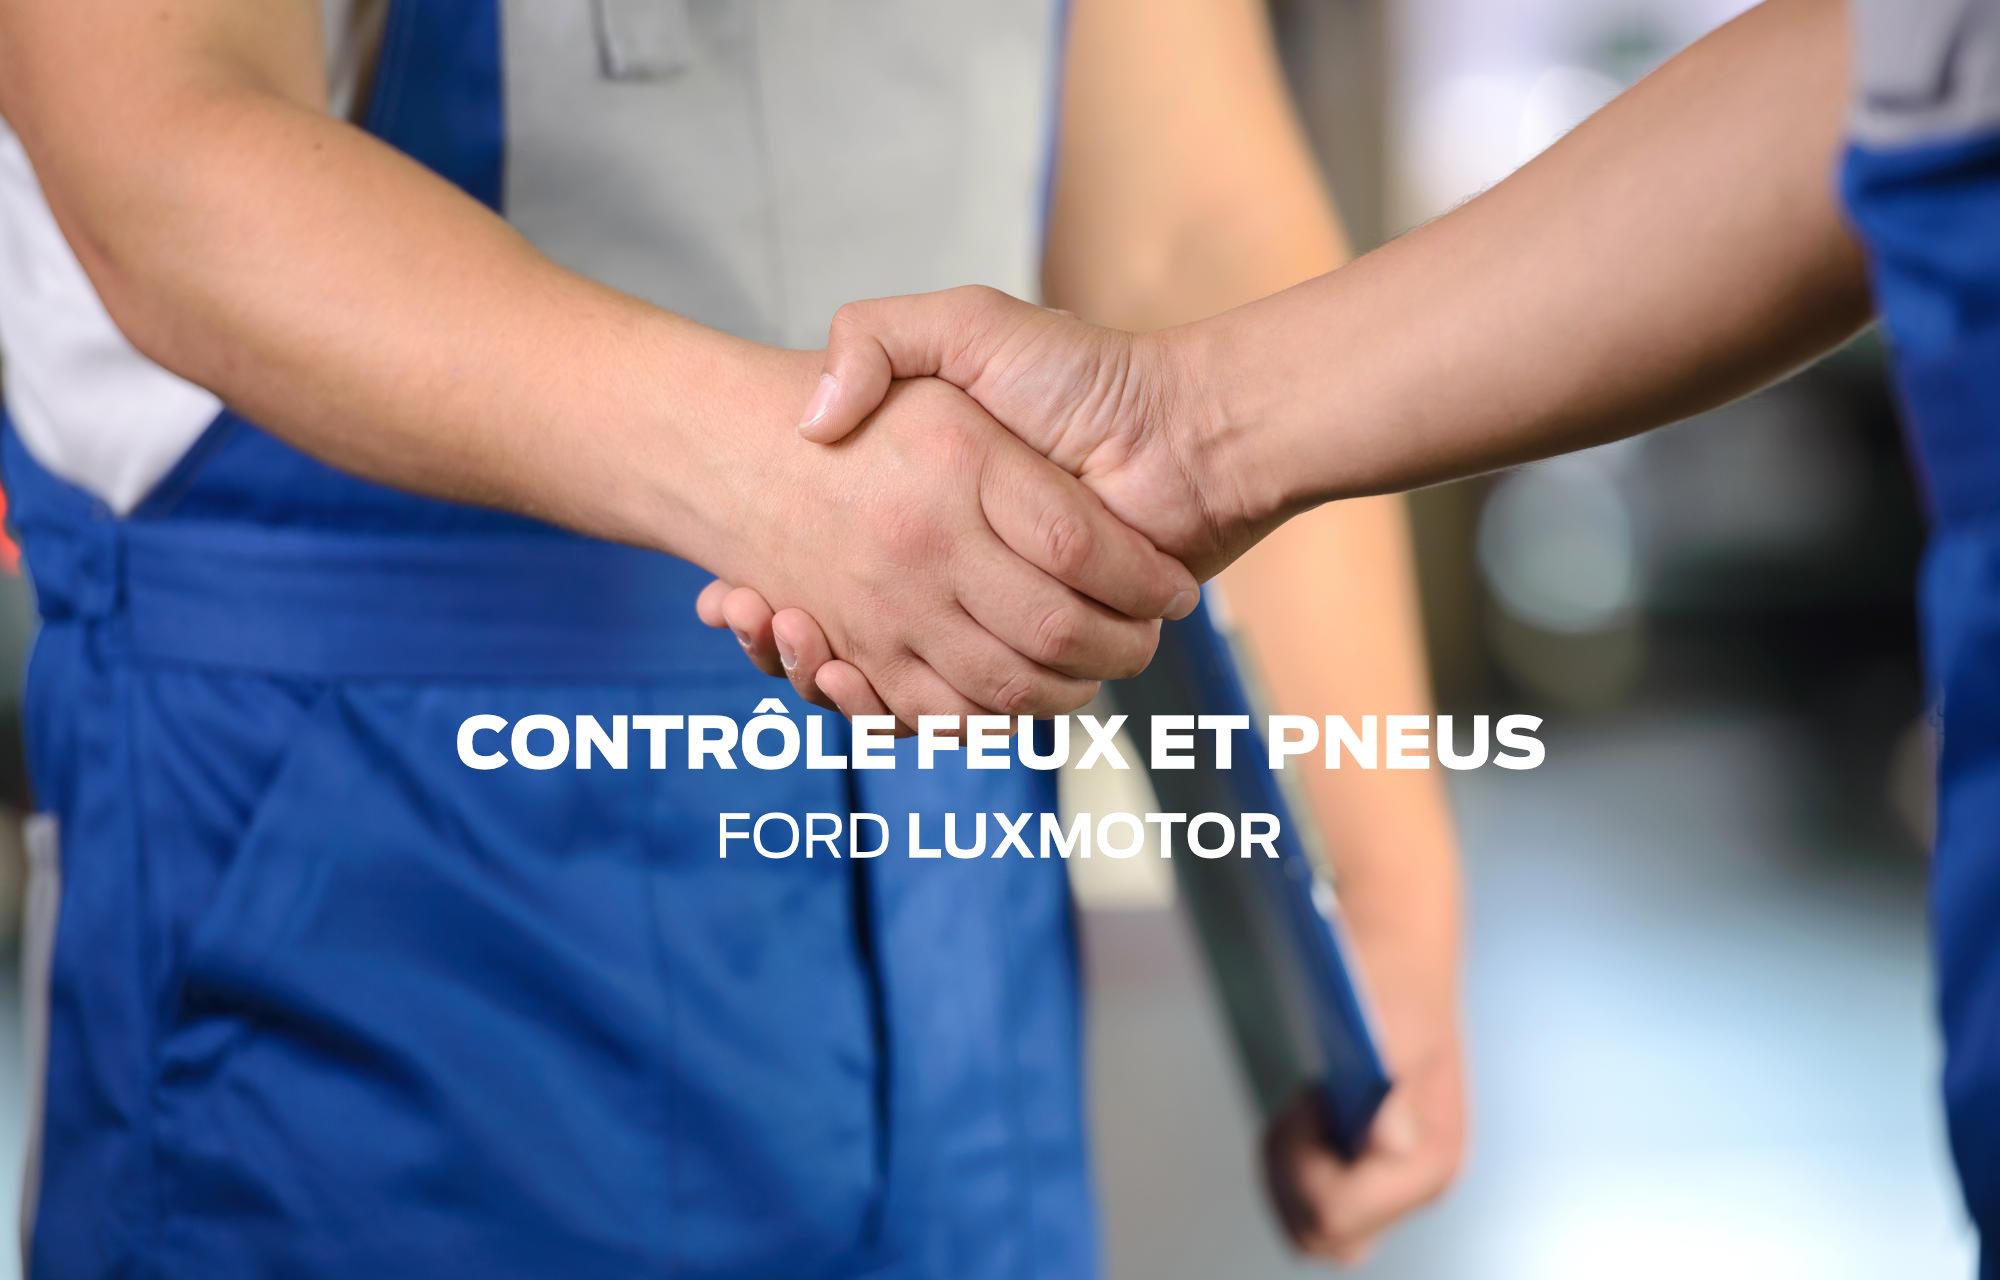 Contrôle feux et pneus LuxMotor